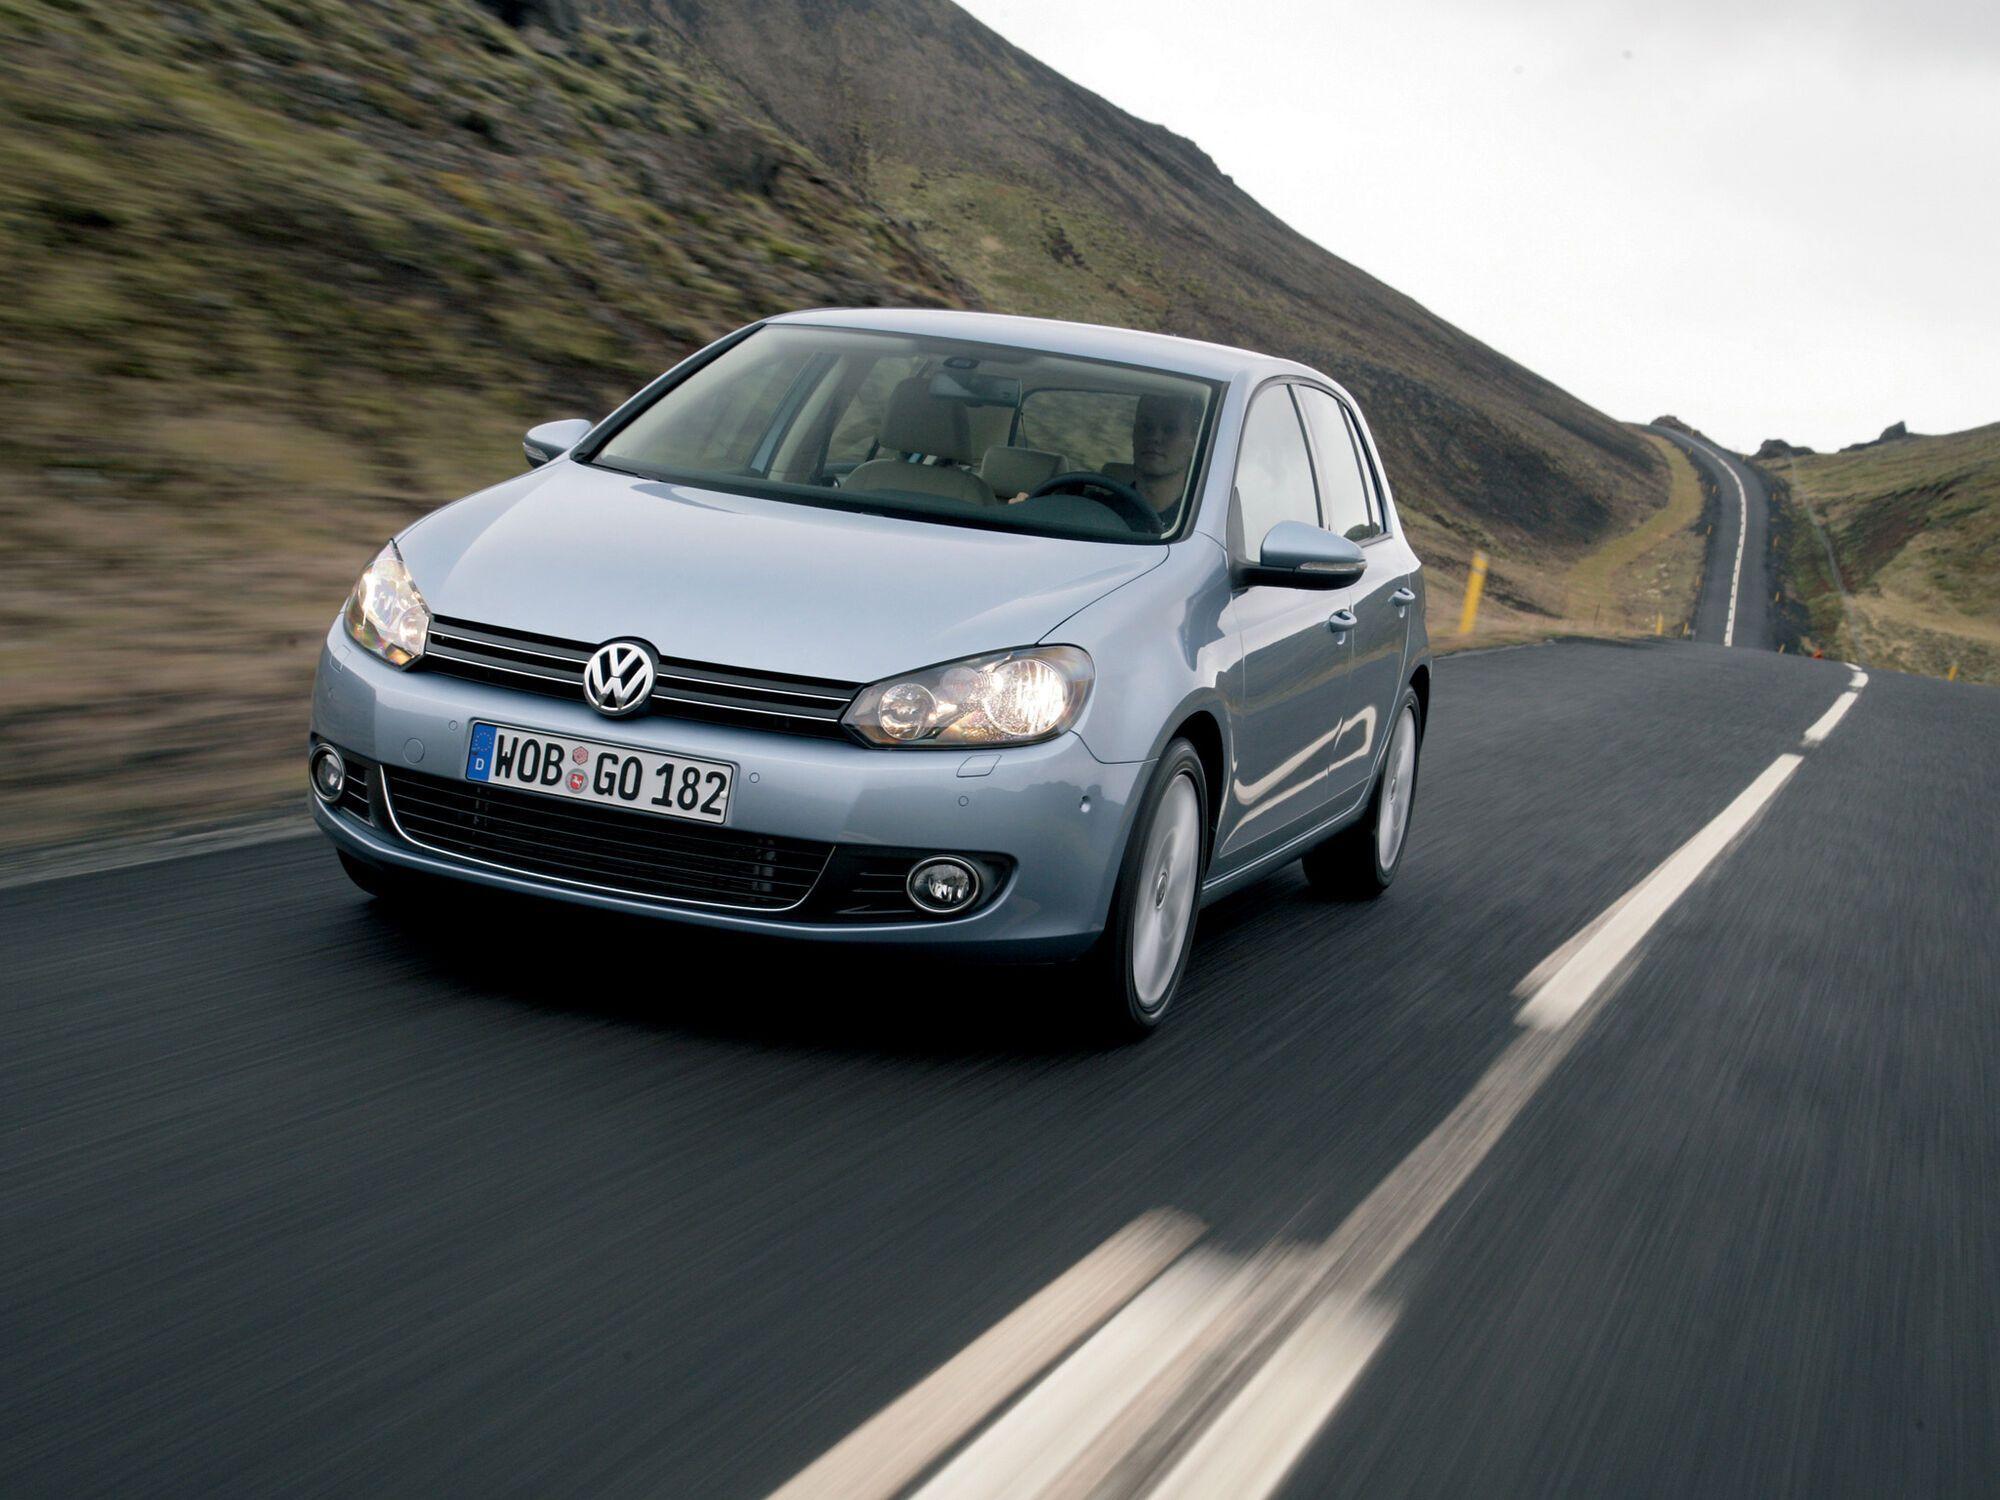 Volkswagen Golf вошел в тройку лидеров потребительских интересов украинцев